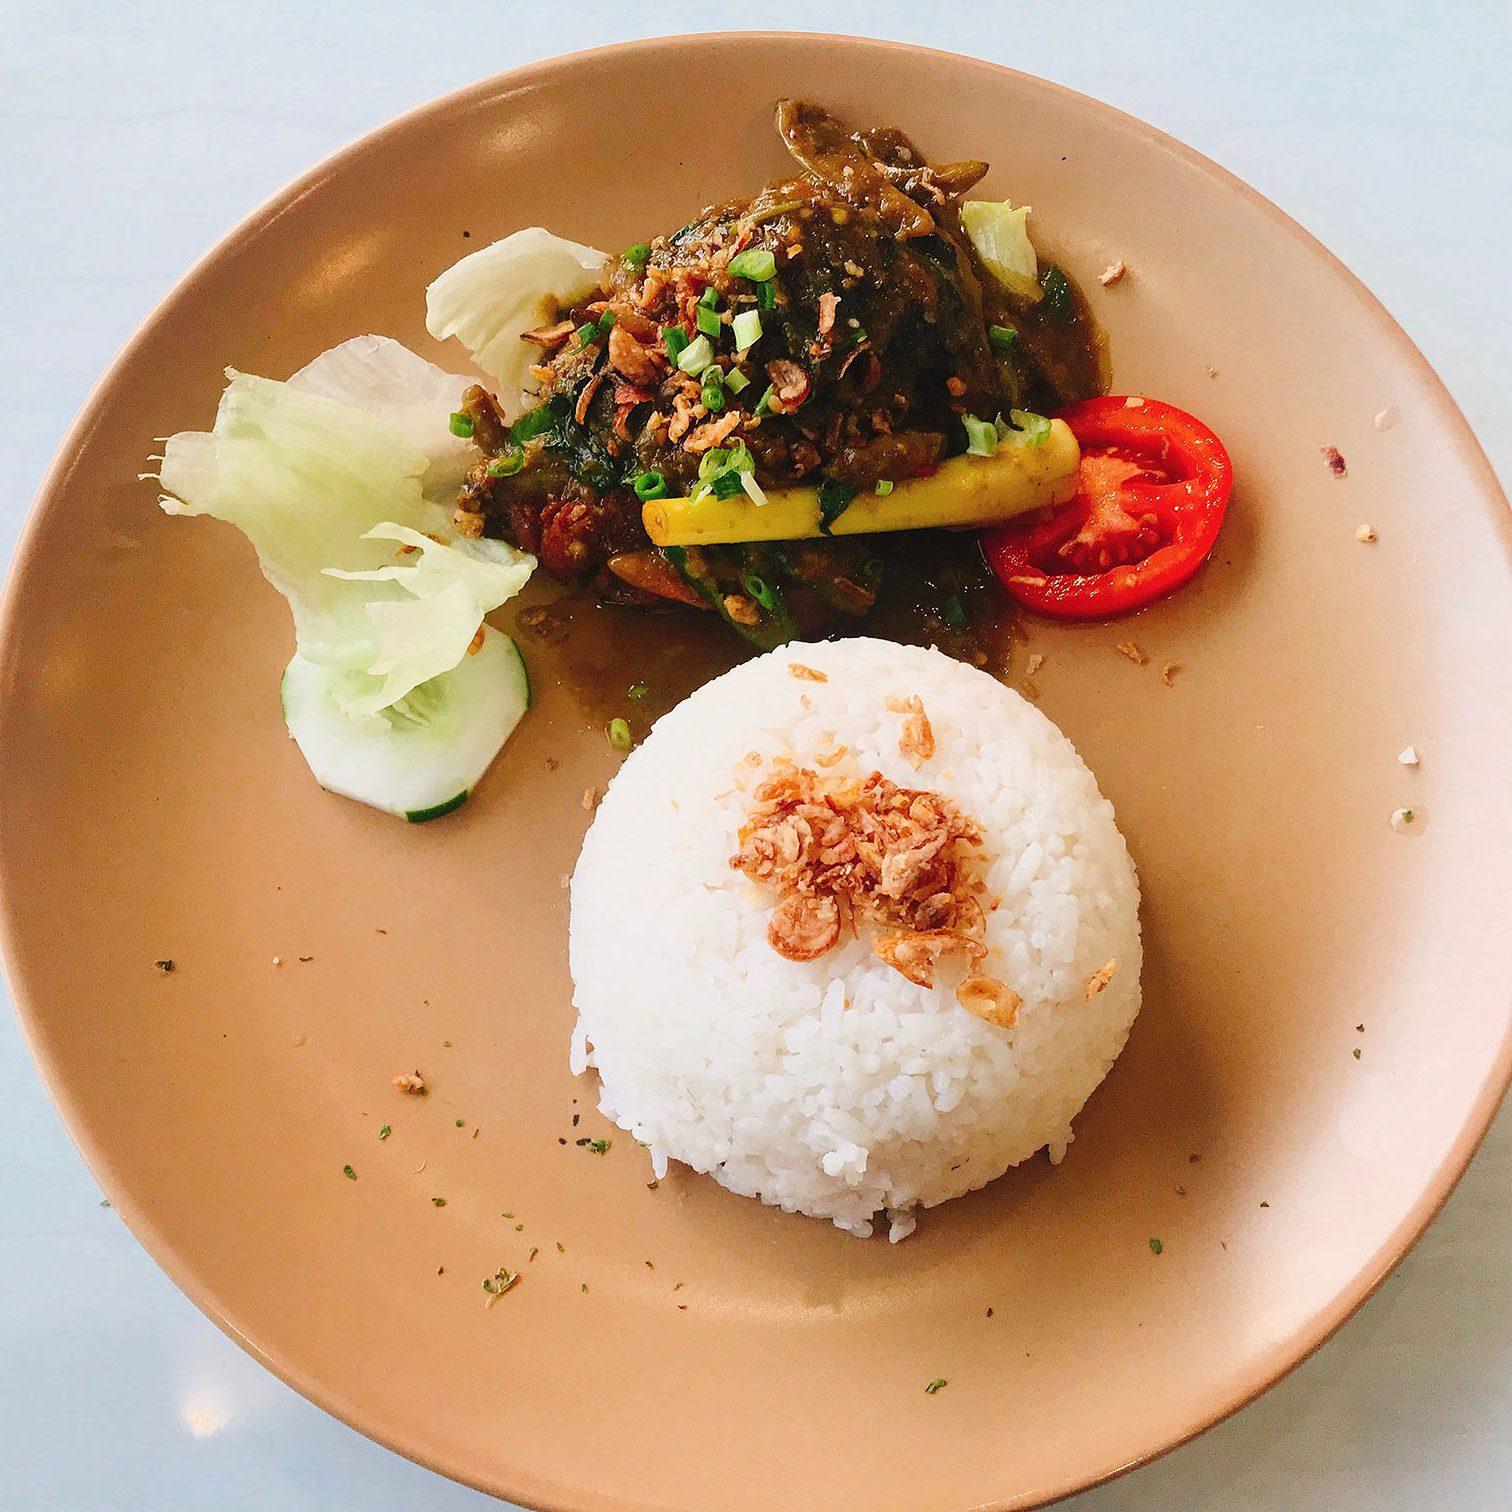 https://k-foodfan.com/wp-content/uploads/2019/11/010-Émincé-de-poulet-et-courgette-au-soja-rouge-e1572959407680.jpg